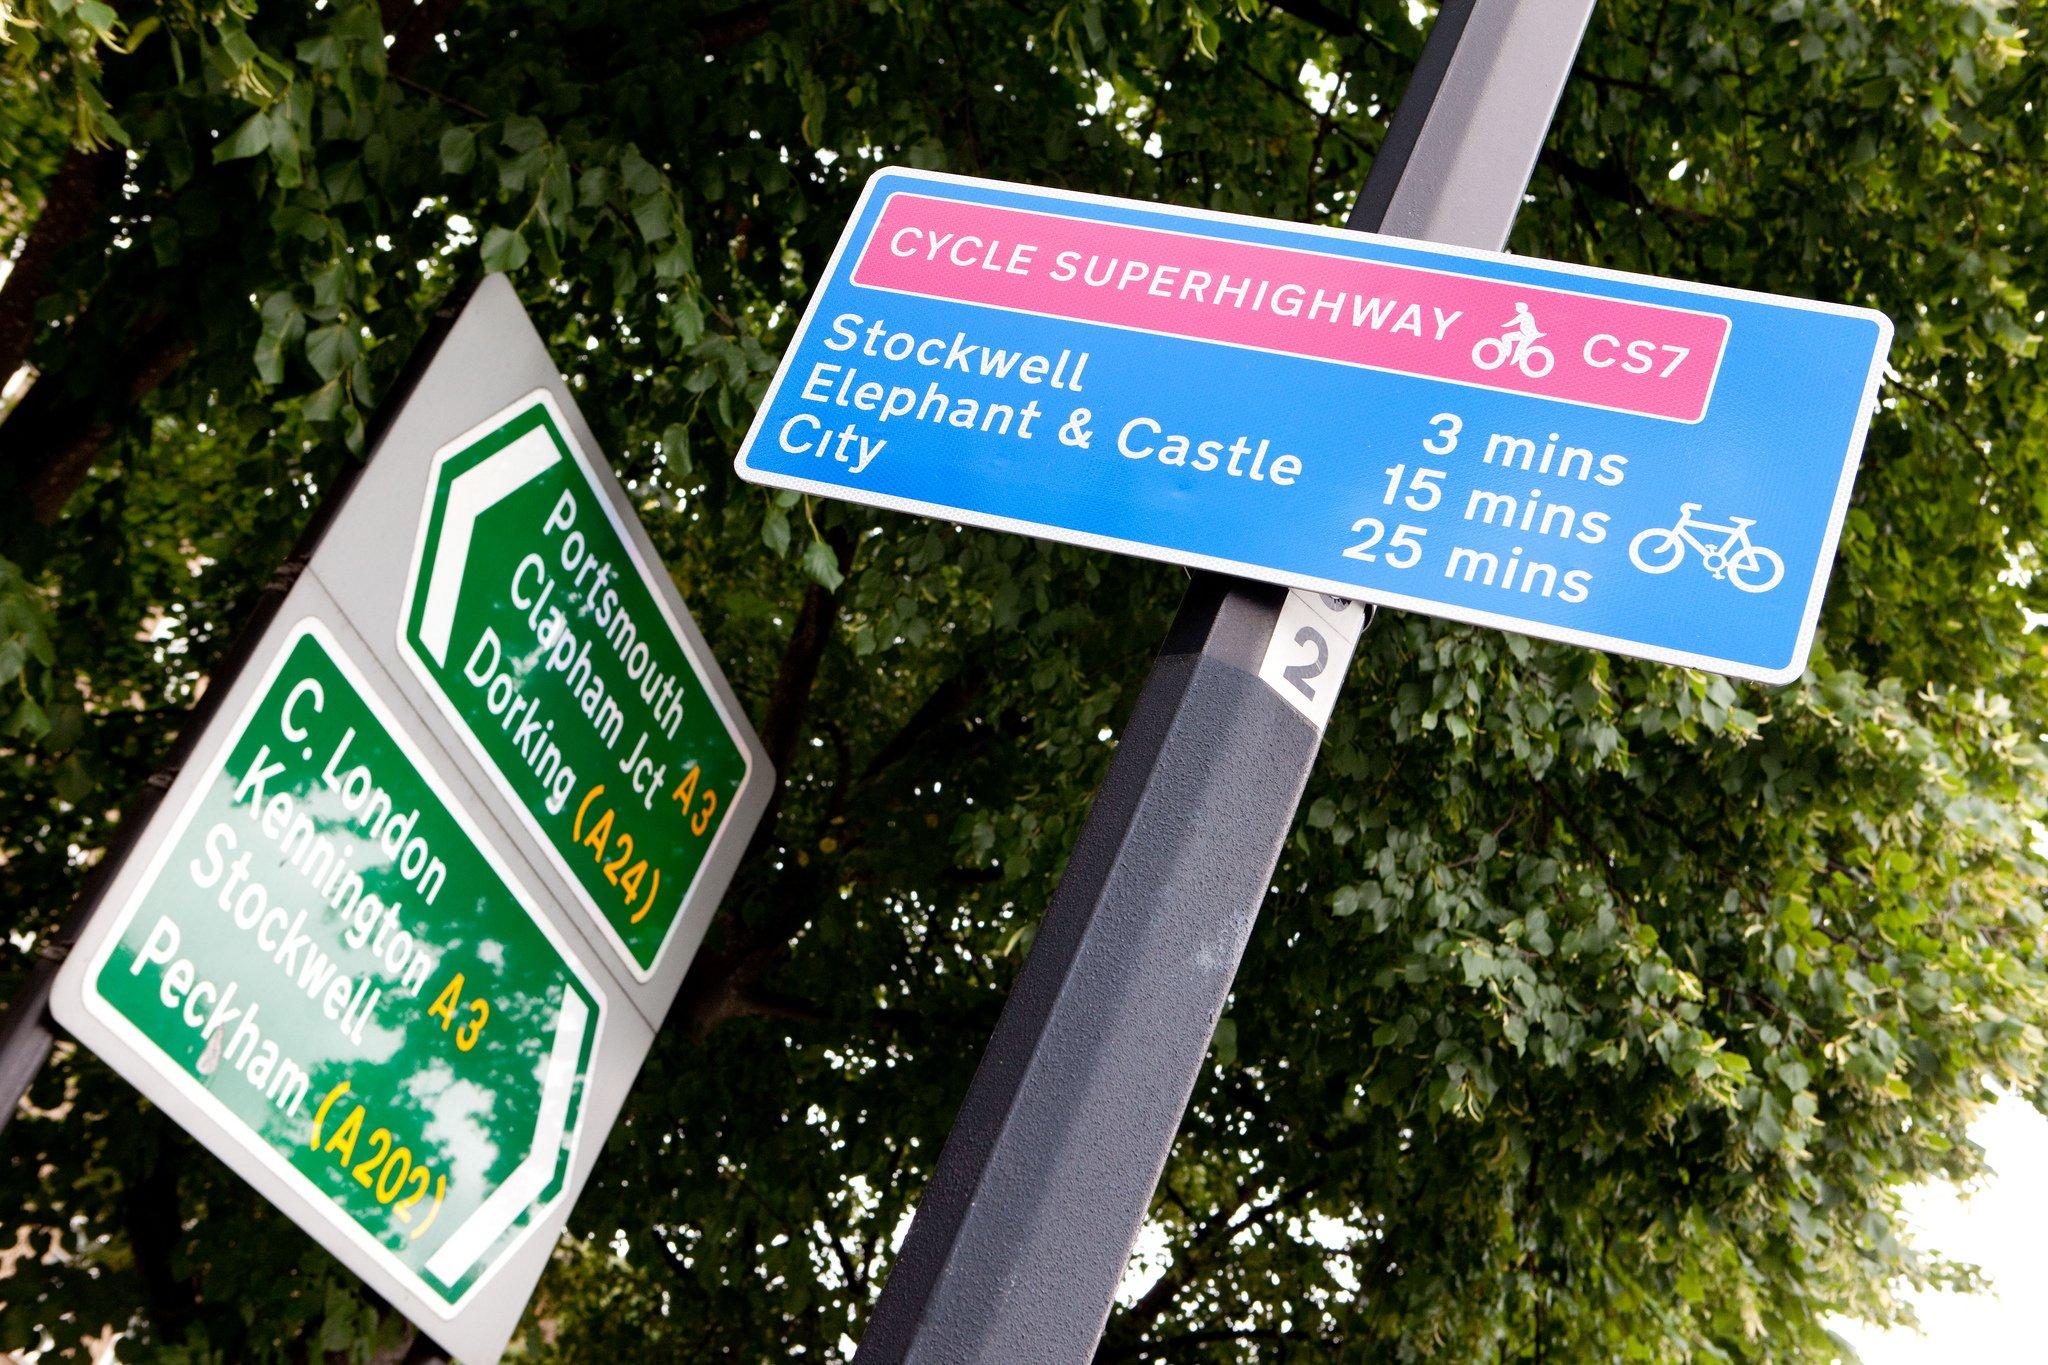 Hinweisschild auf Superhighway in London: Die britische Hauptstadt, chronisch vom Autoverkehr verstopft,setzt voll aufs Rad und plant sogar ein Netz sogenannter Superhighways. Einer soll über 100 km weit bis zur Kanalküste führen.